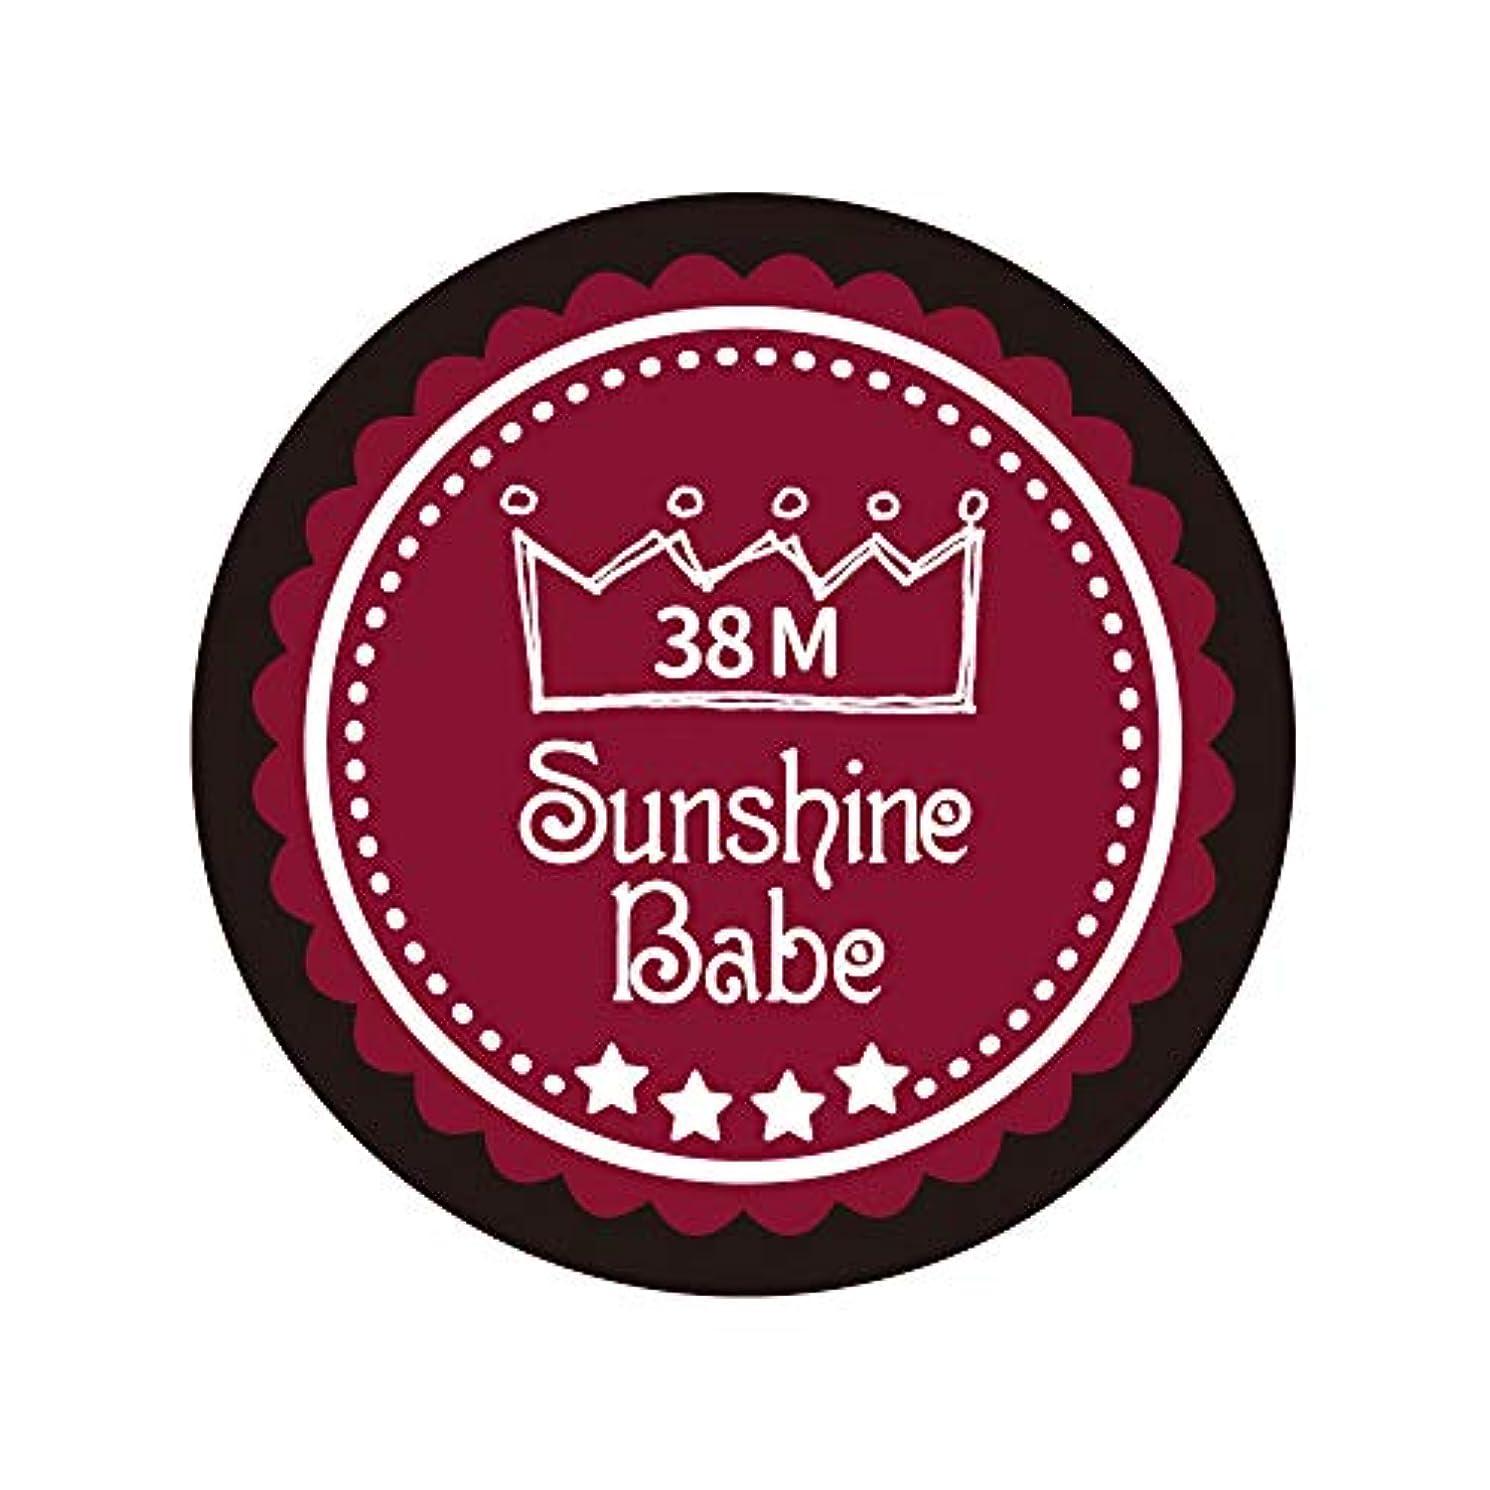 カトリック教徒コントラスト原因Sunshine Babe カラージェル 38M レッドペア 4g UV/LED対応